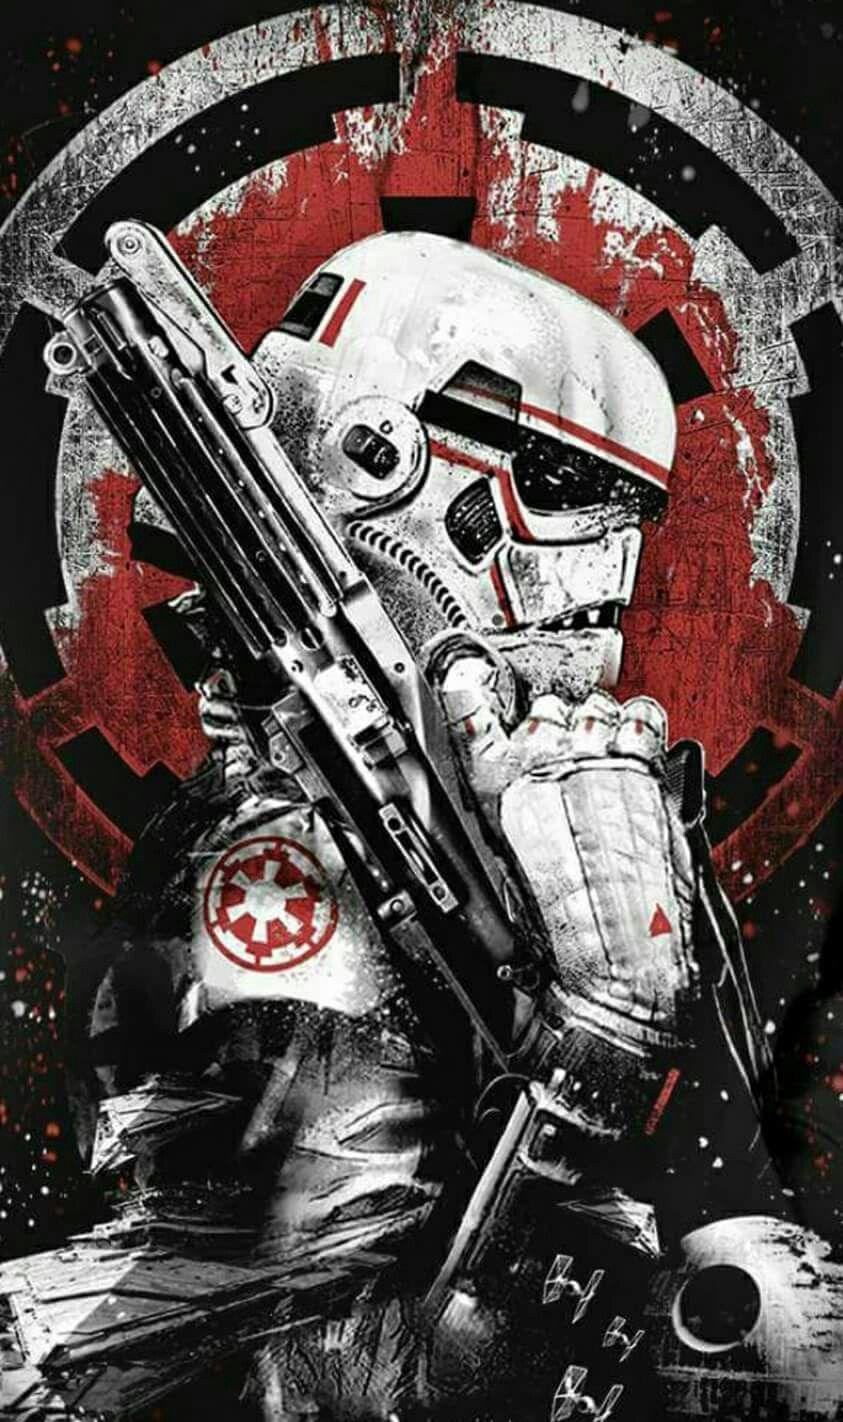 Einzigartig 43 Zum Carport Seitenwand Plane Check More At Https Www Estadoproperties Com Carport Seitenw Star Wars Fan Art Star Wars Malerei Star Wars Poster